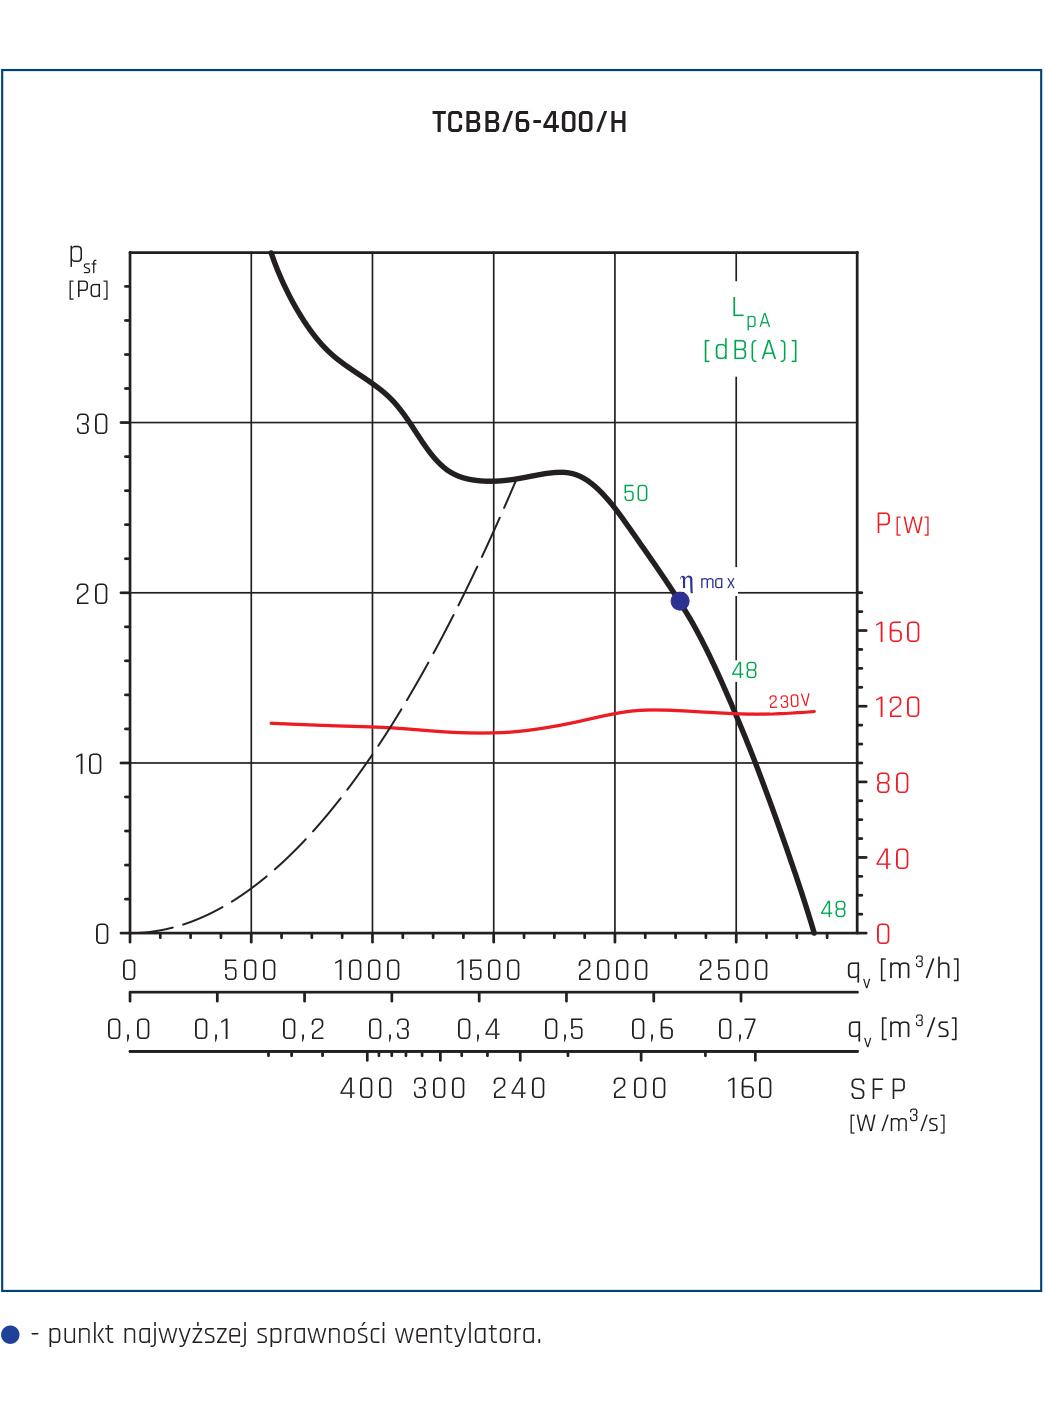 Wentylator Compact TCBB/TCBT 62